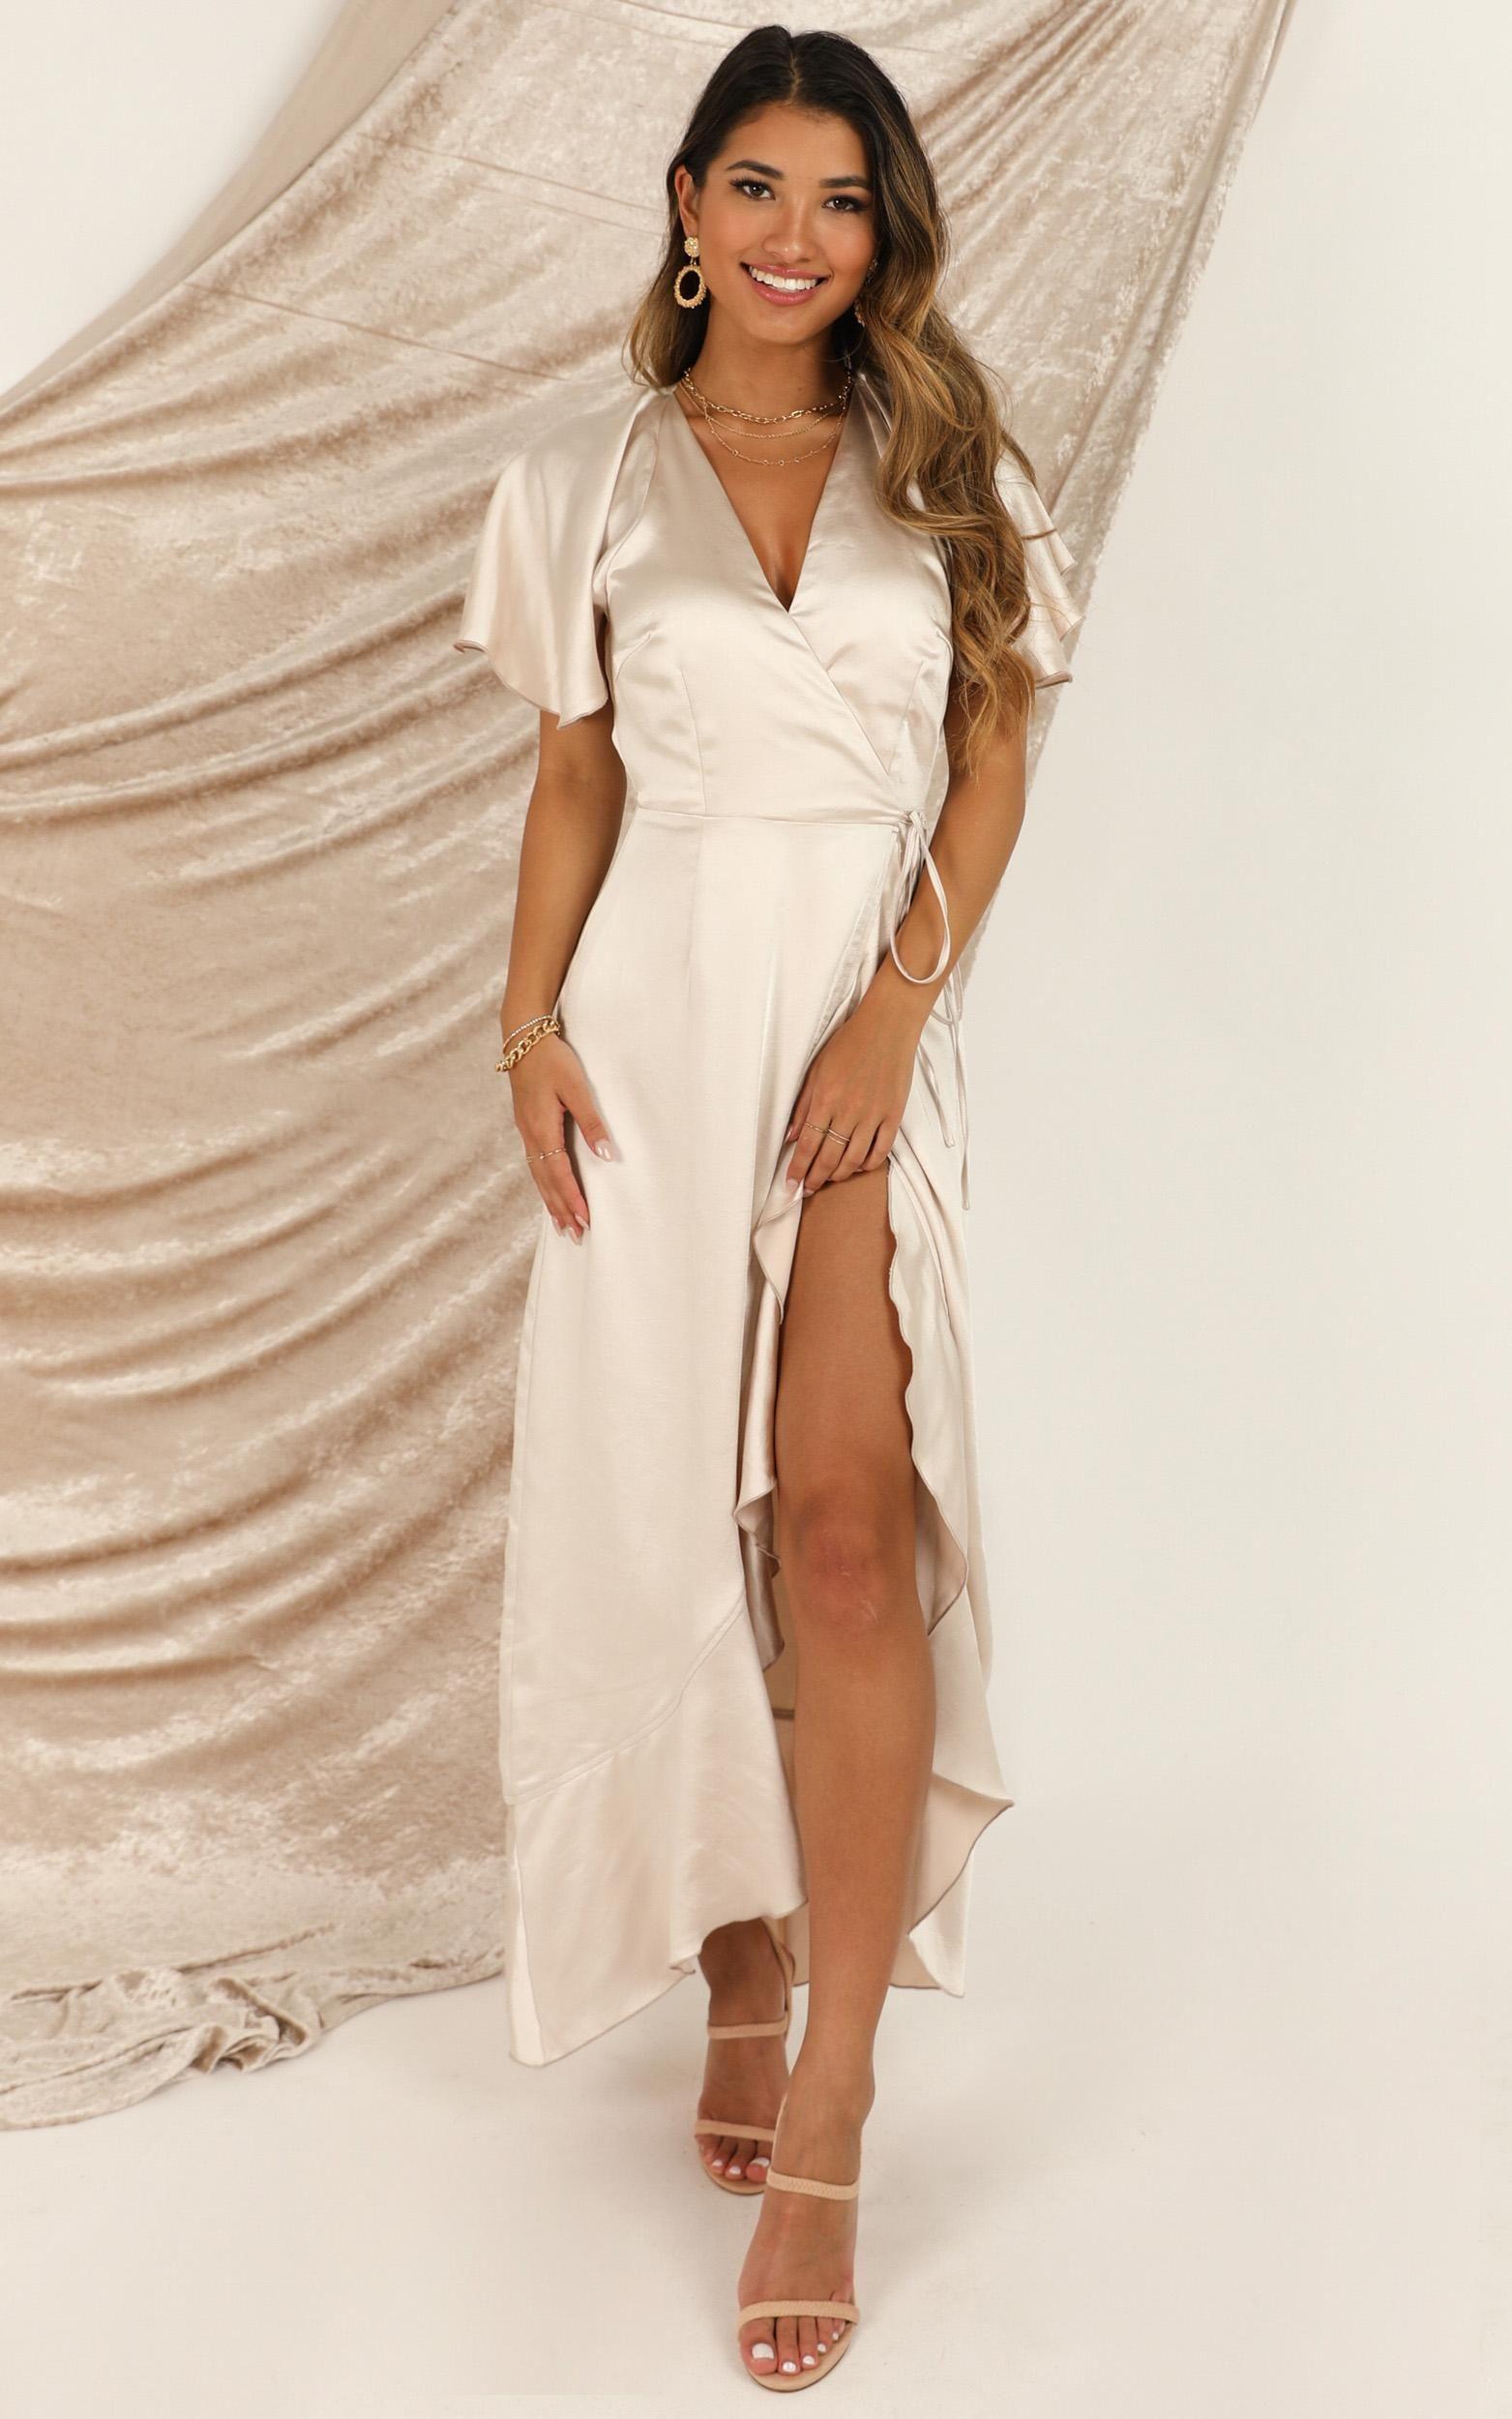 Wrap It Dress In Champagne Satin Showpo In 2021 Dresses Stunning Bridesmaid Dresses Champagne Satin Dress [ 2500 x 1563 Pixel ]